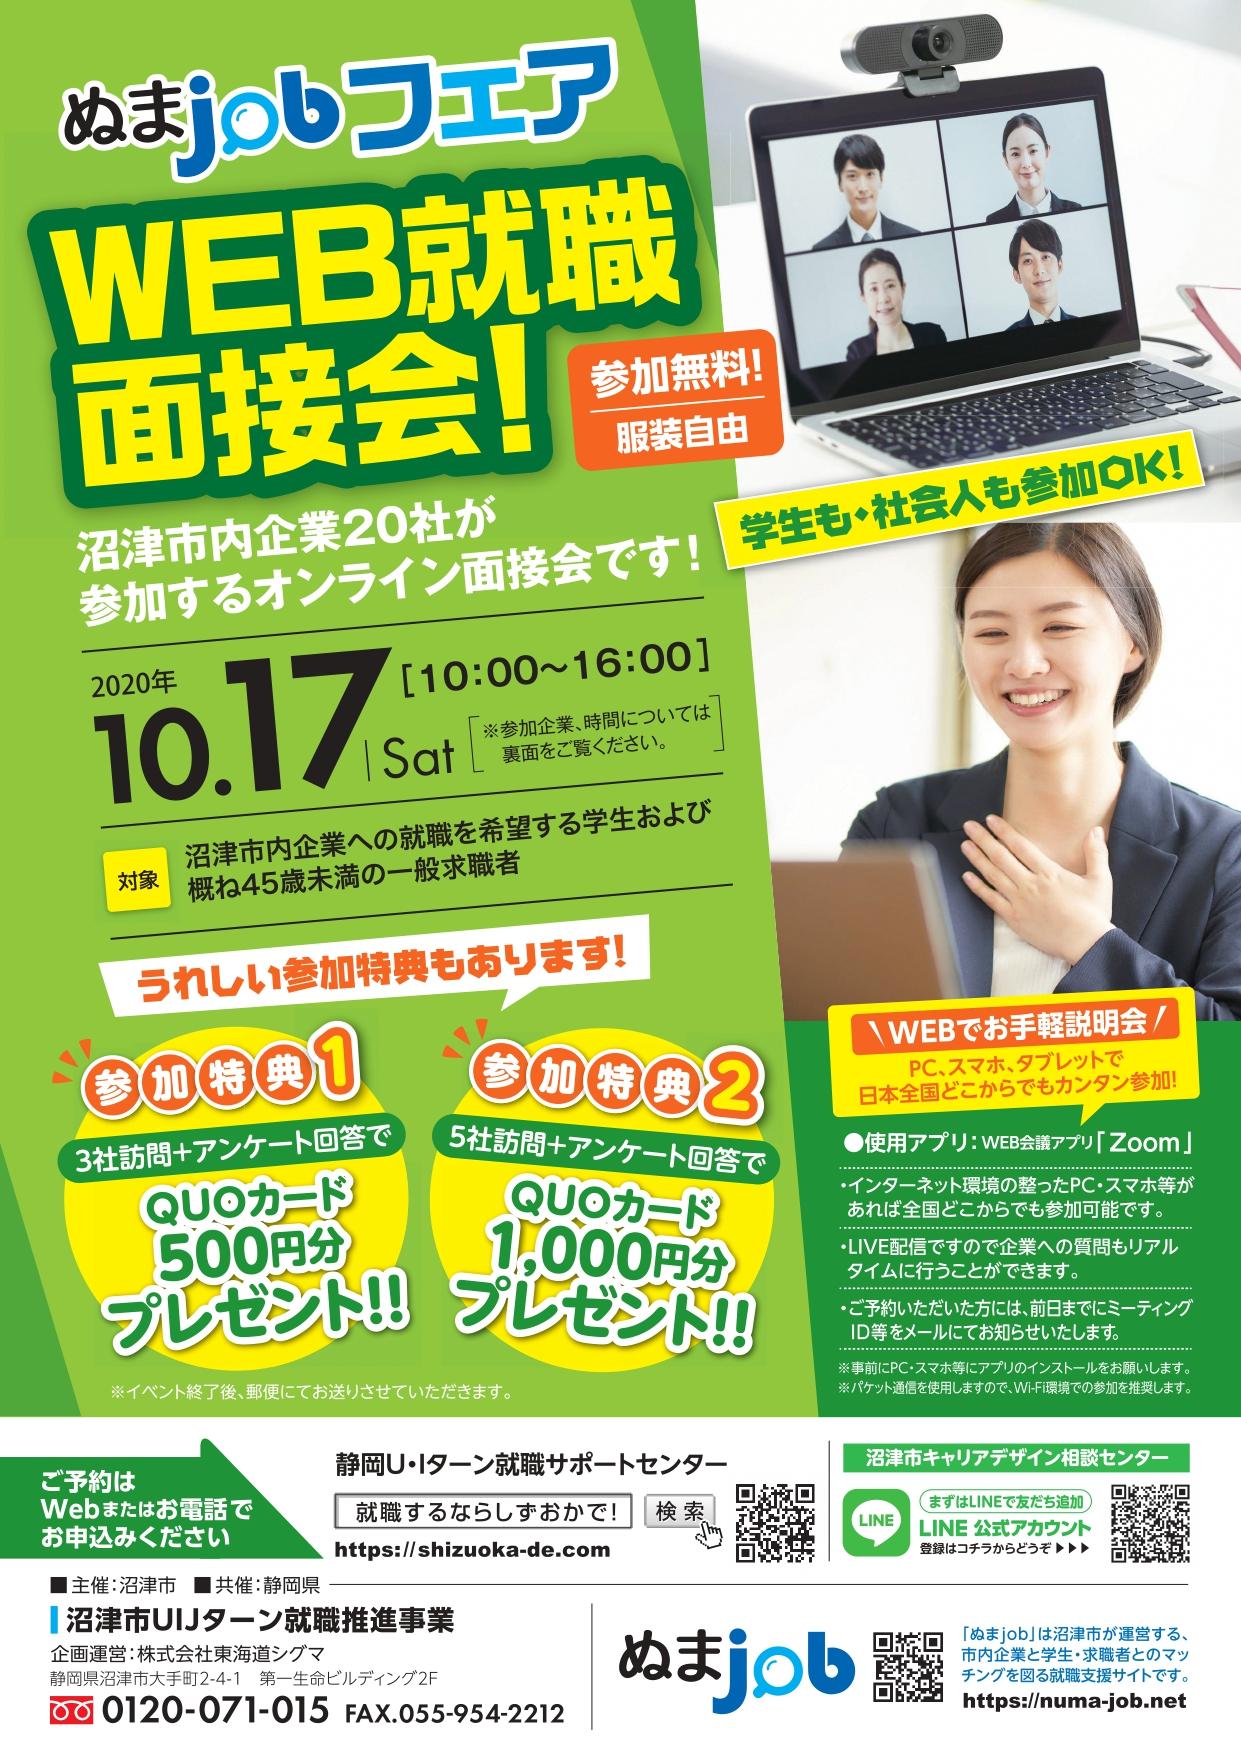 10/17(土)【WEB就職面接会ぬまjobフェア】に参加します!